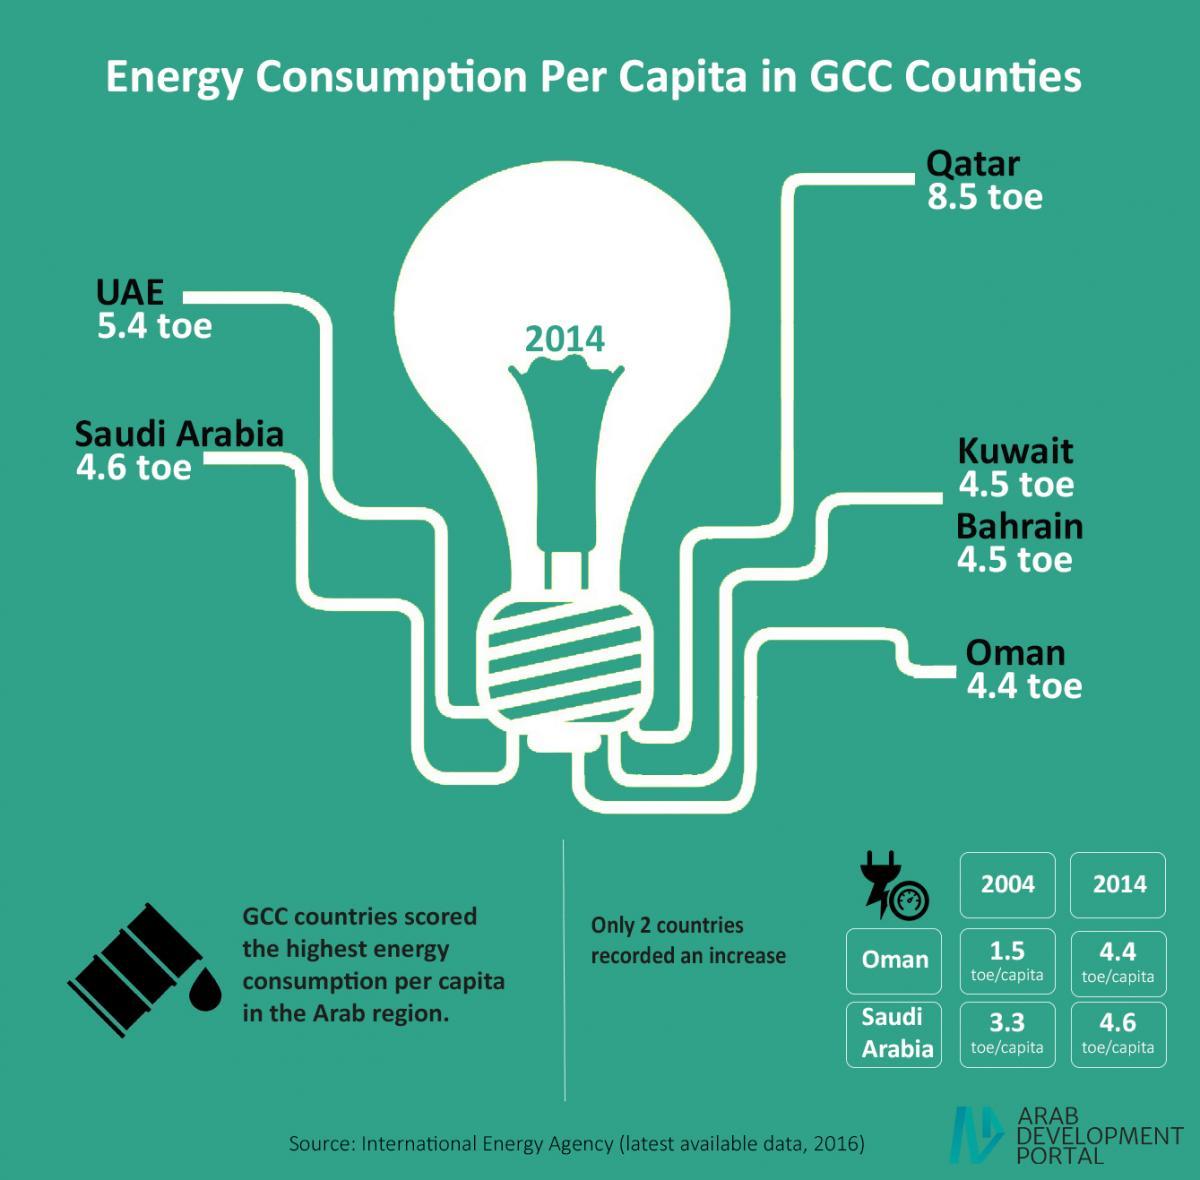 Energy Consumption Per Capita in GCC Countries